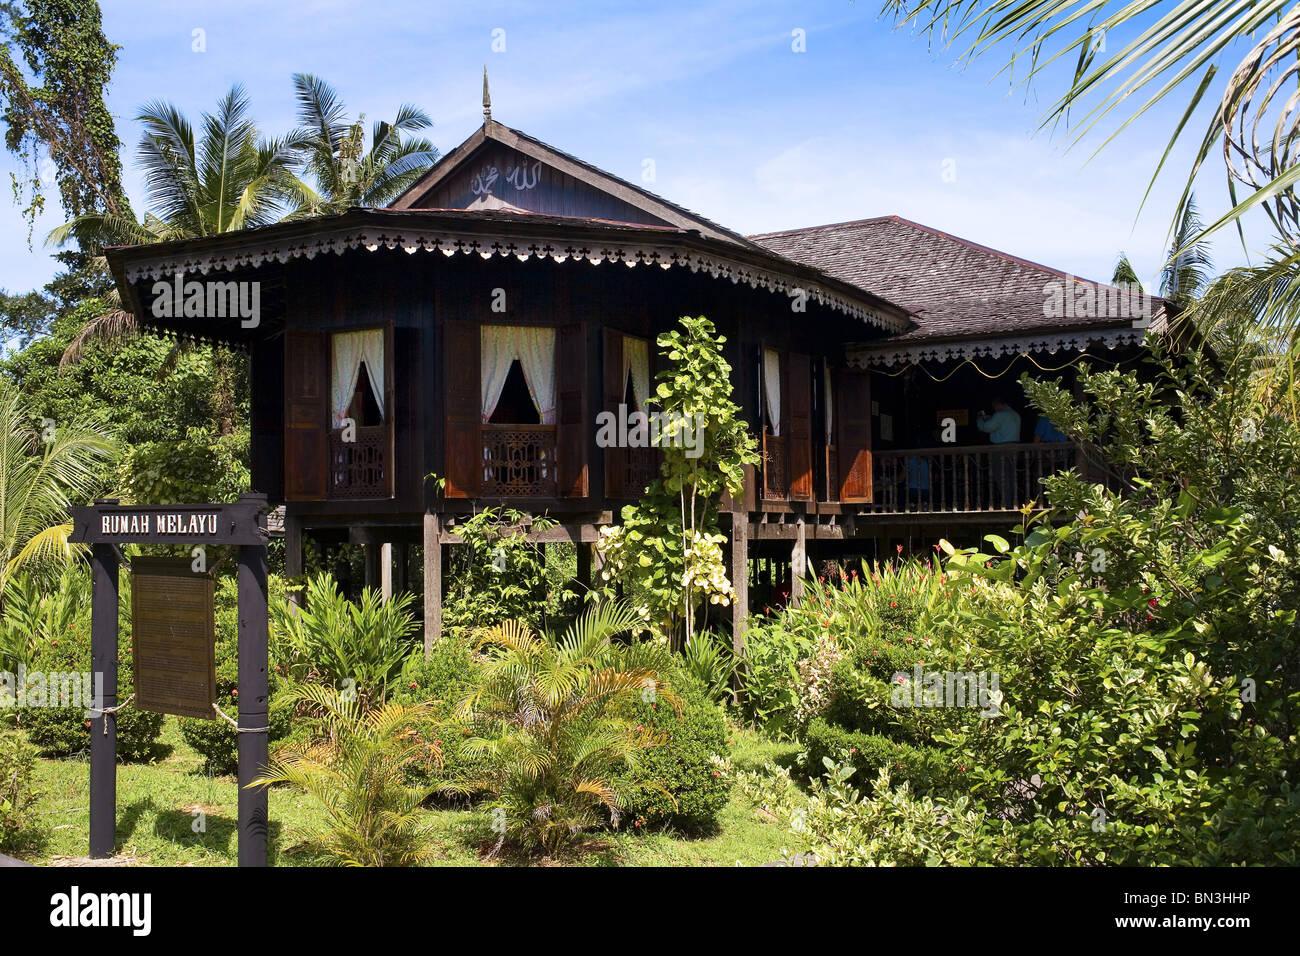 Malaysian house at the openair museum Sarawak Cultural Village, Sarawak, Malaysia - Stock Image